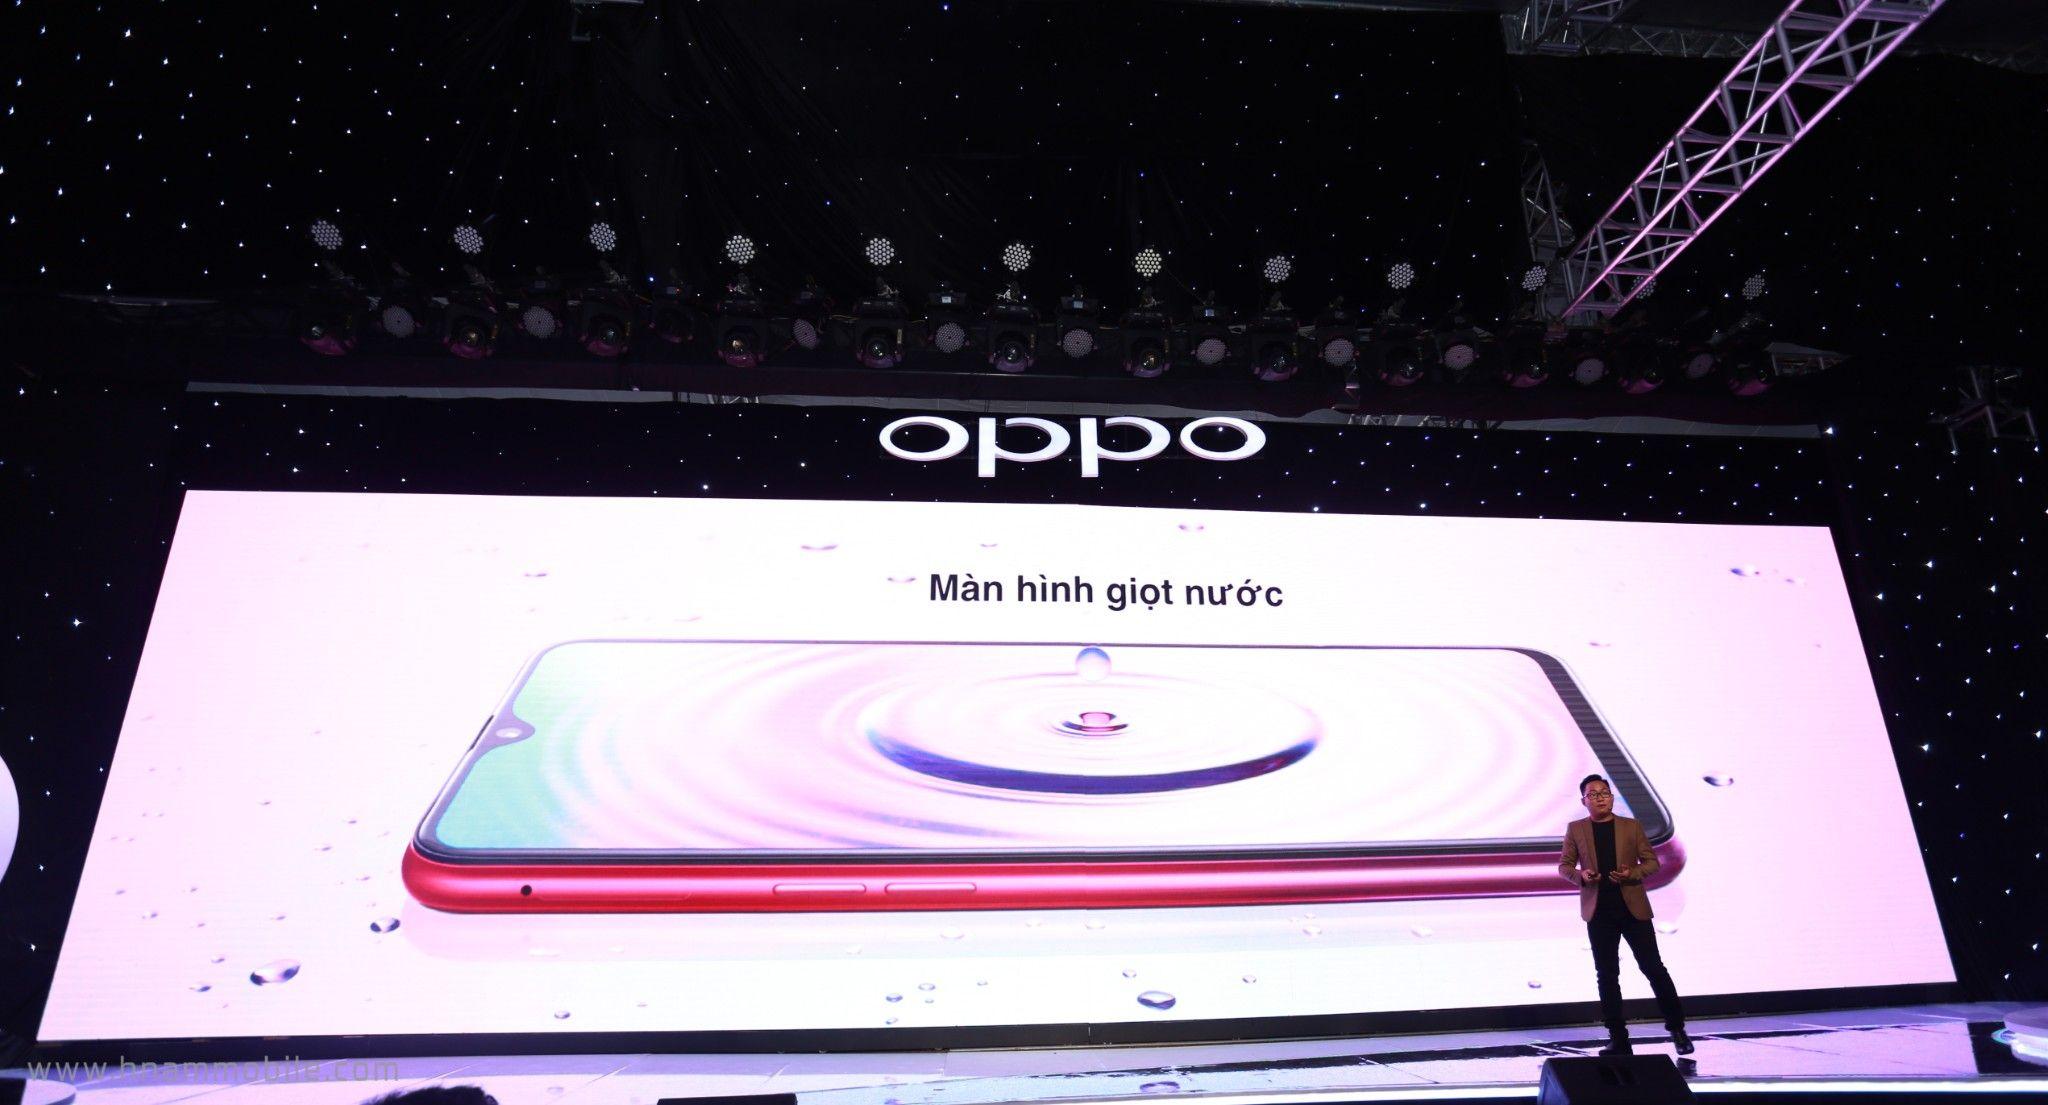 OPPO F9 ra mắt: Màn hình giọt nước, sạc nhanh VOOC, camera kép, giá 7.690.000 VNĐ hình 2